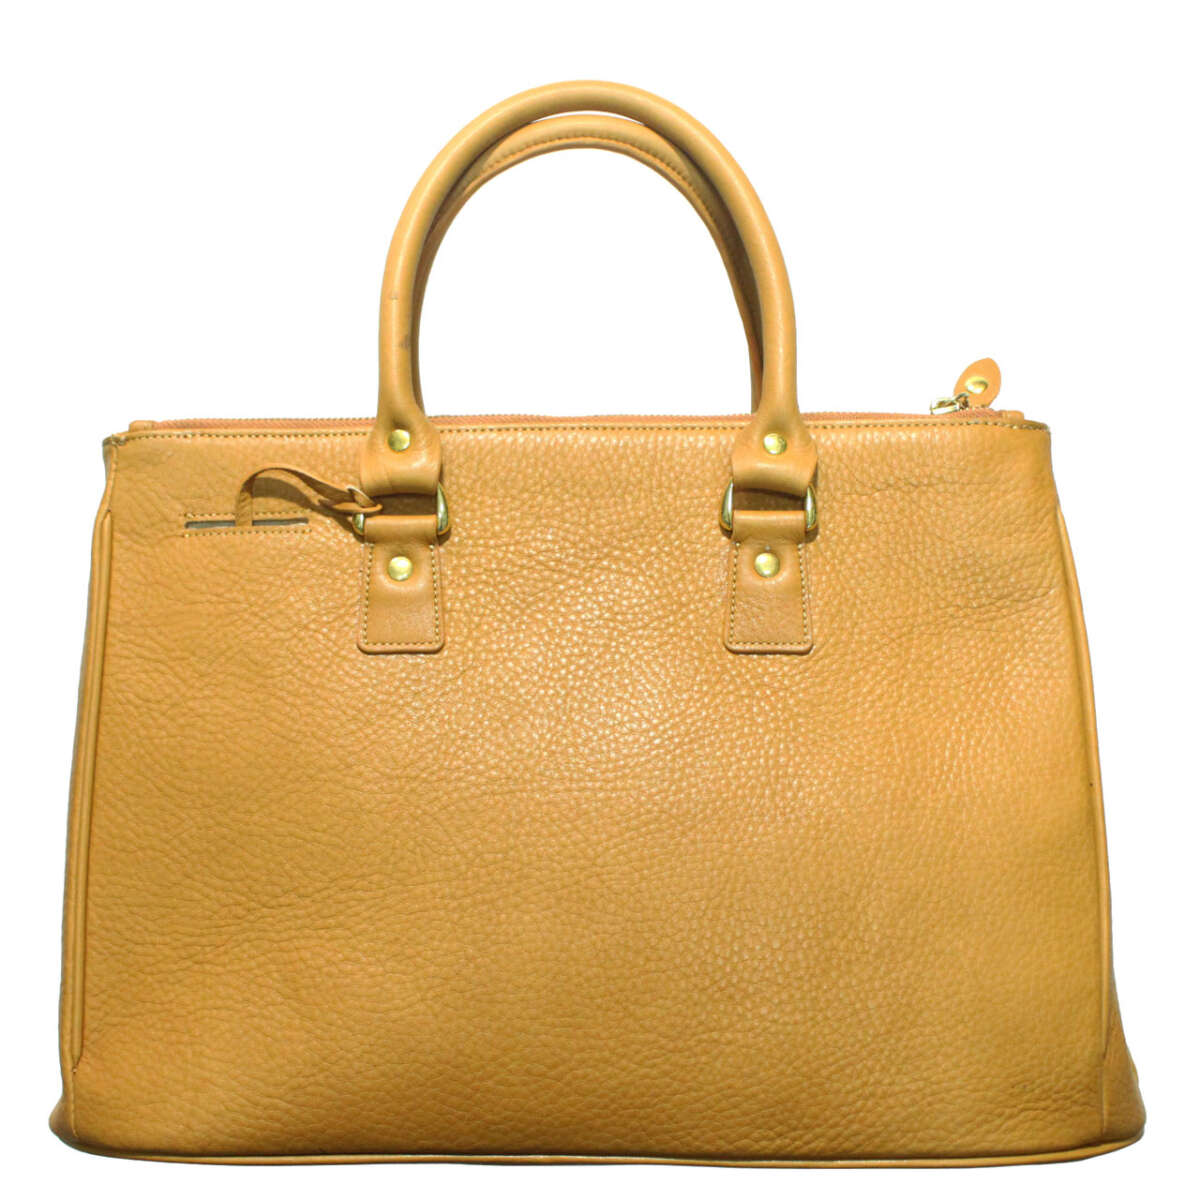 Túi xách nữ da bò B012a